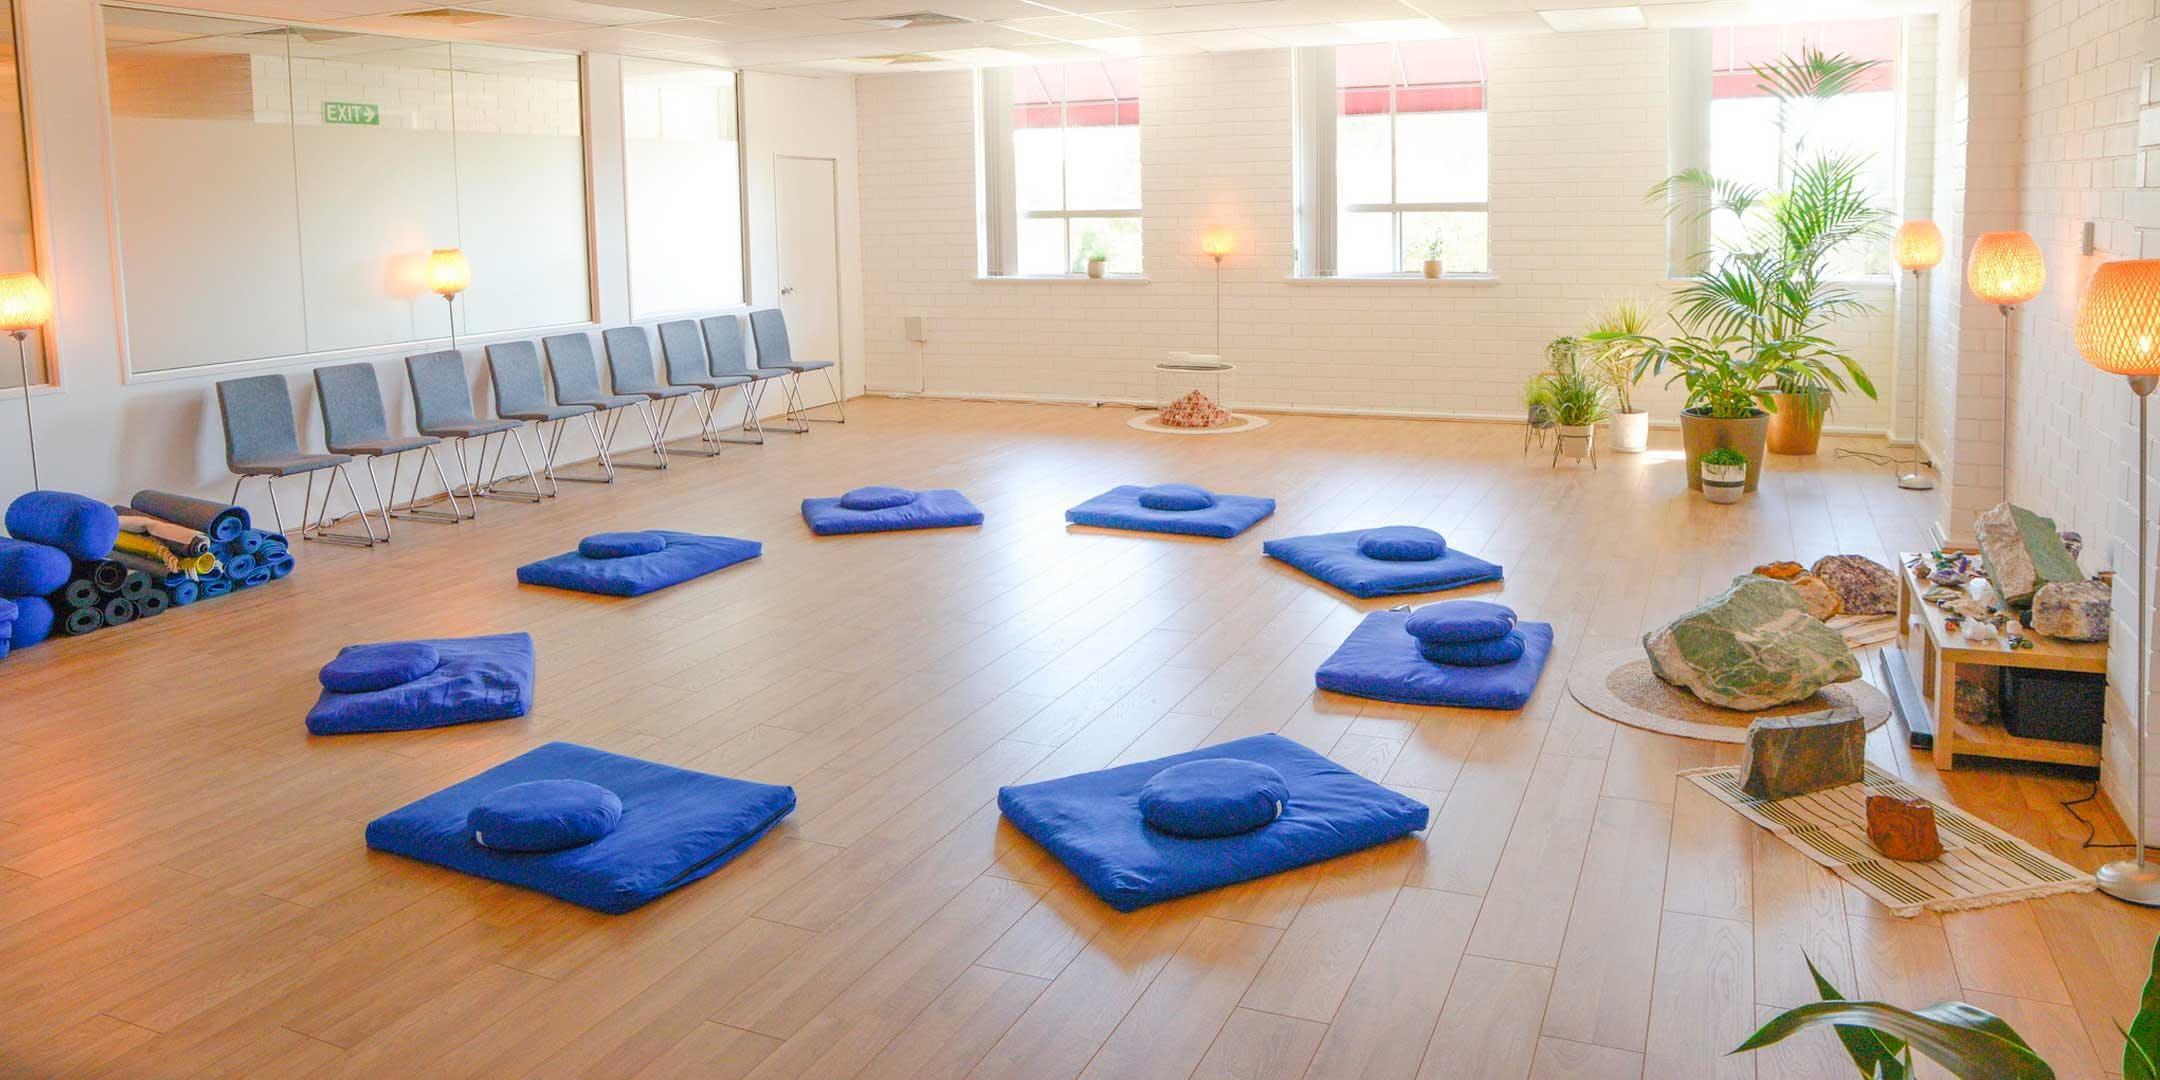 Silent Group Meditation